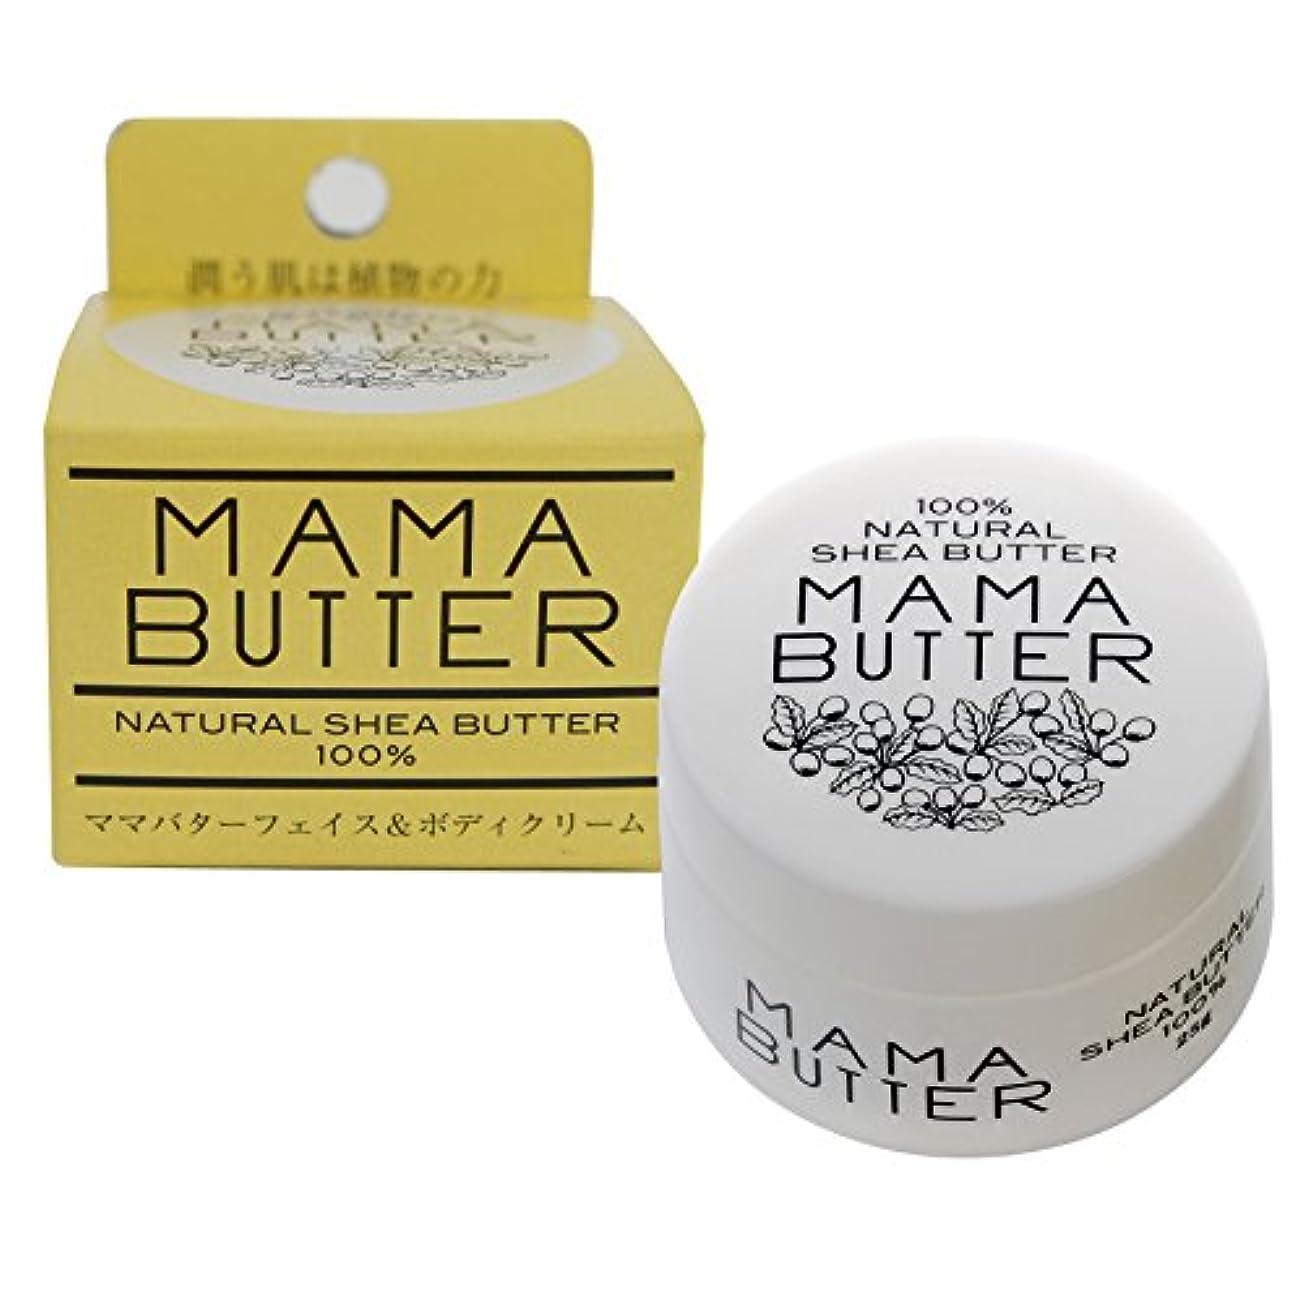 ママバター フェイス&ボディクリーム 25g